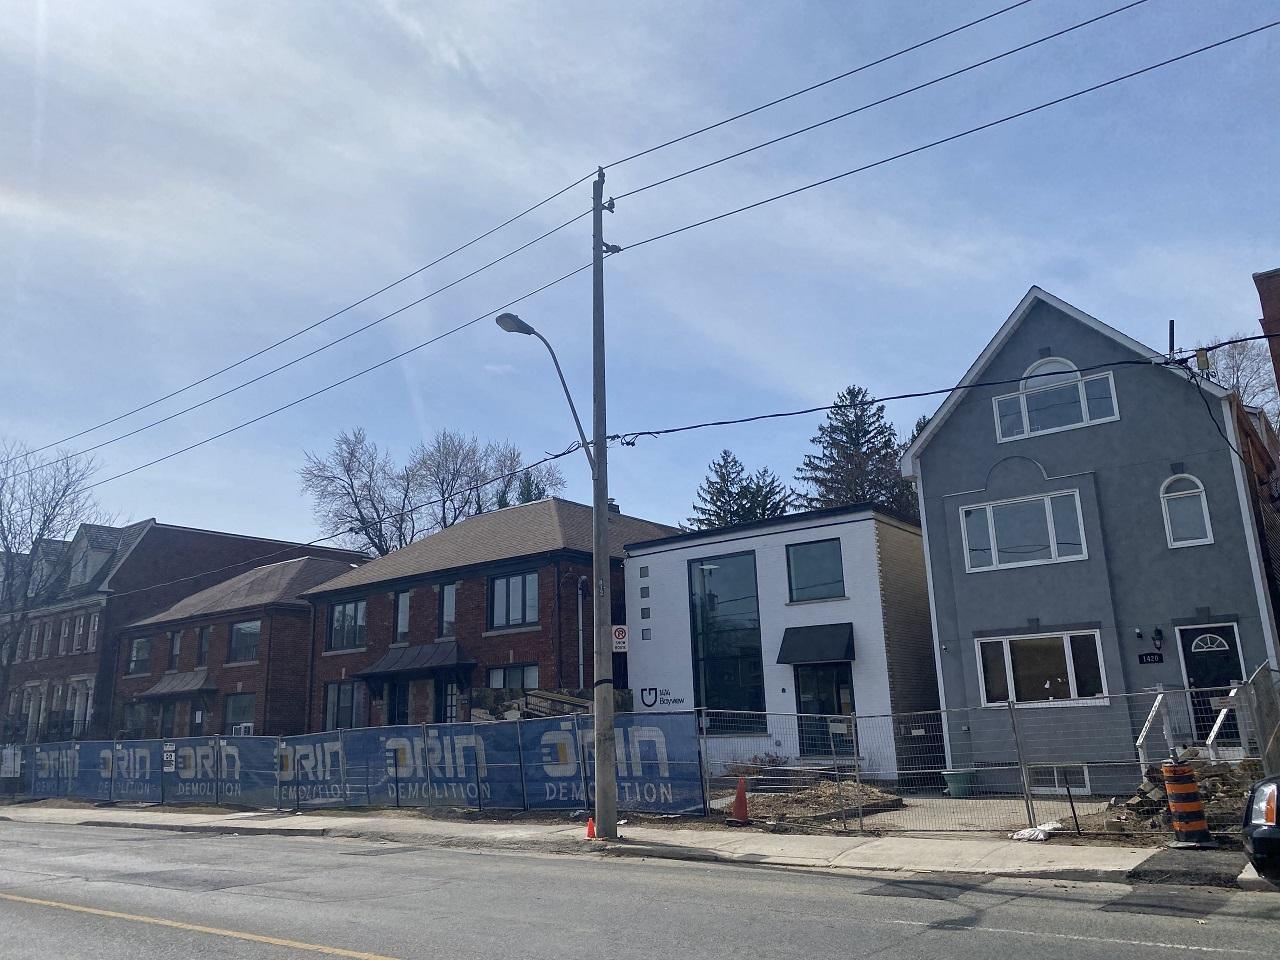 1414 Bayview, Gairloch Developments, architects—Alliance, Toronto